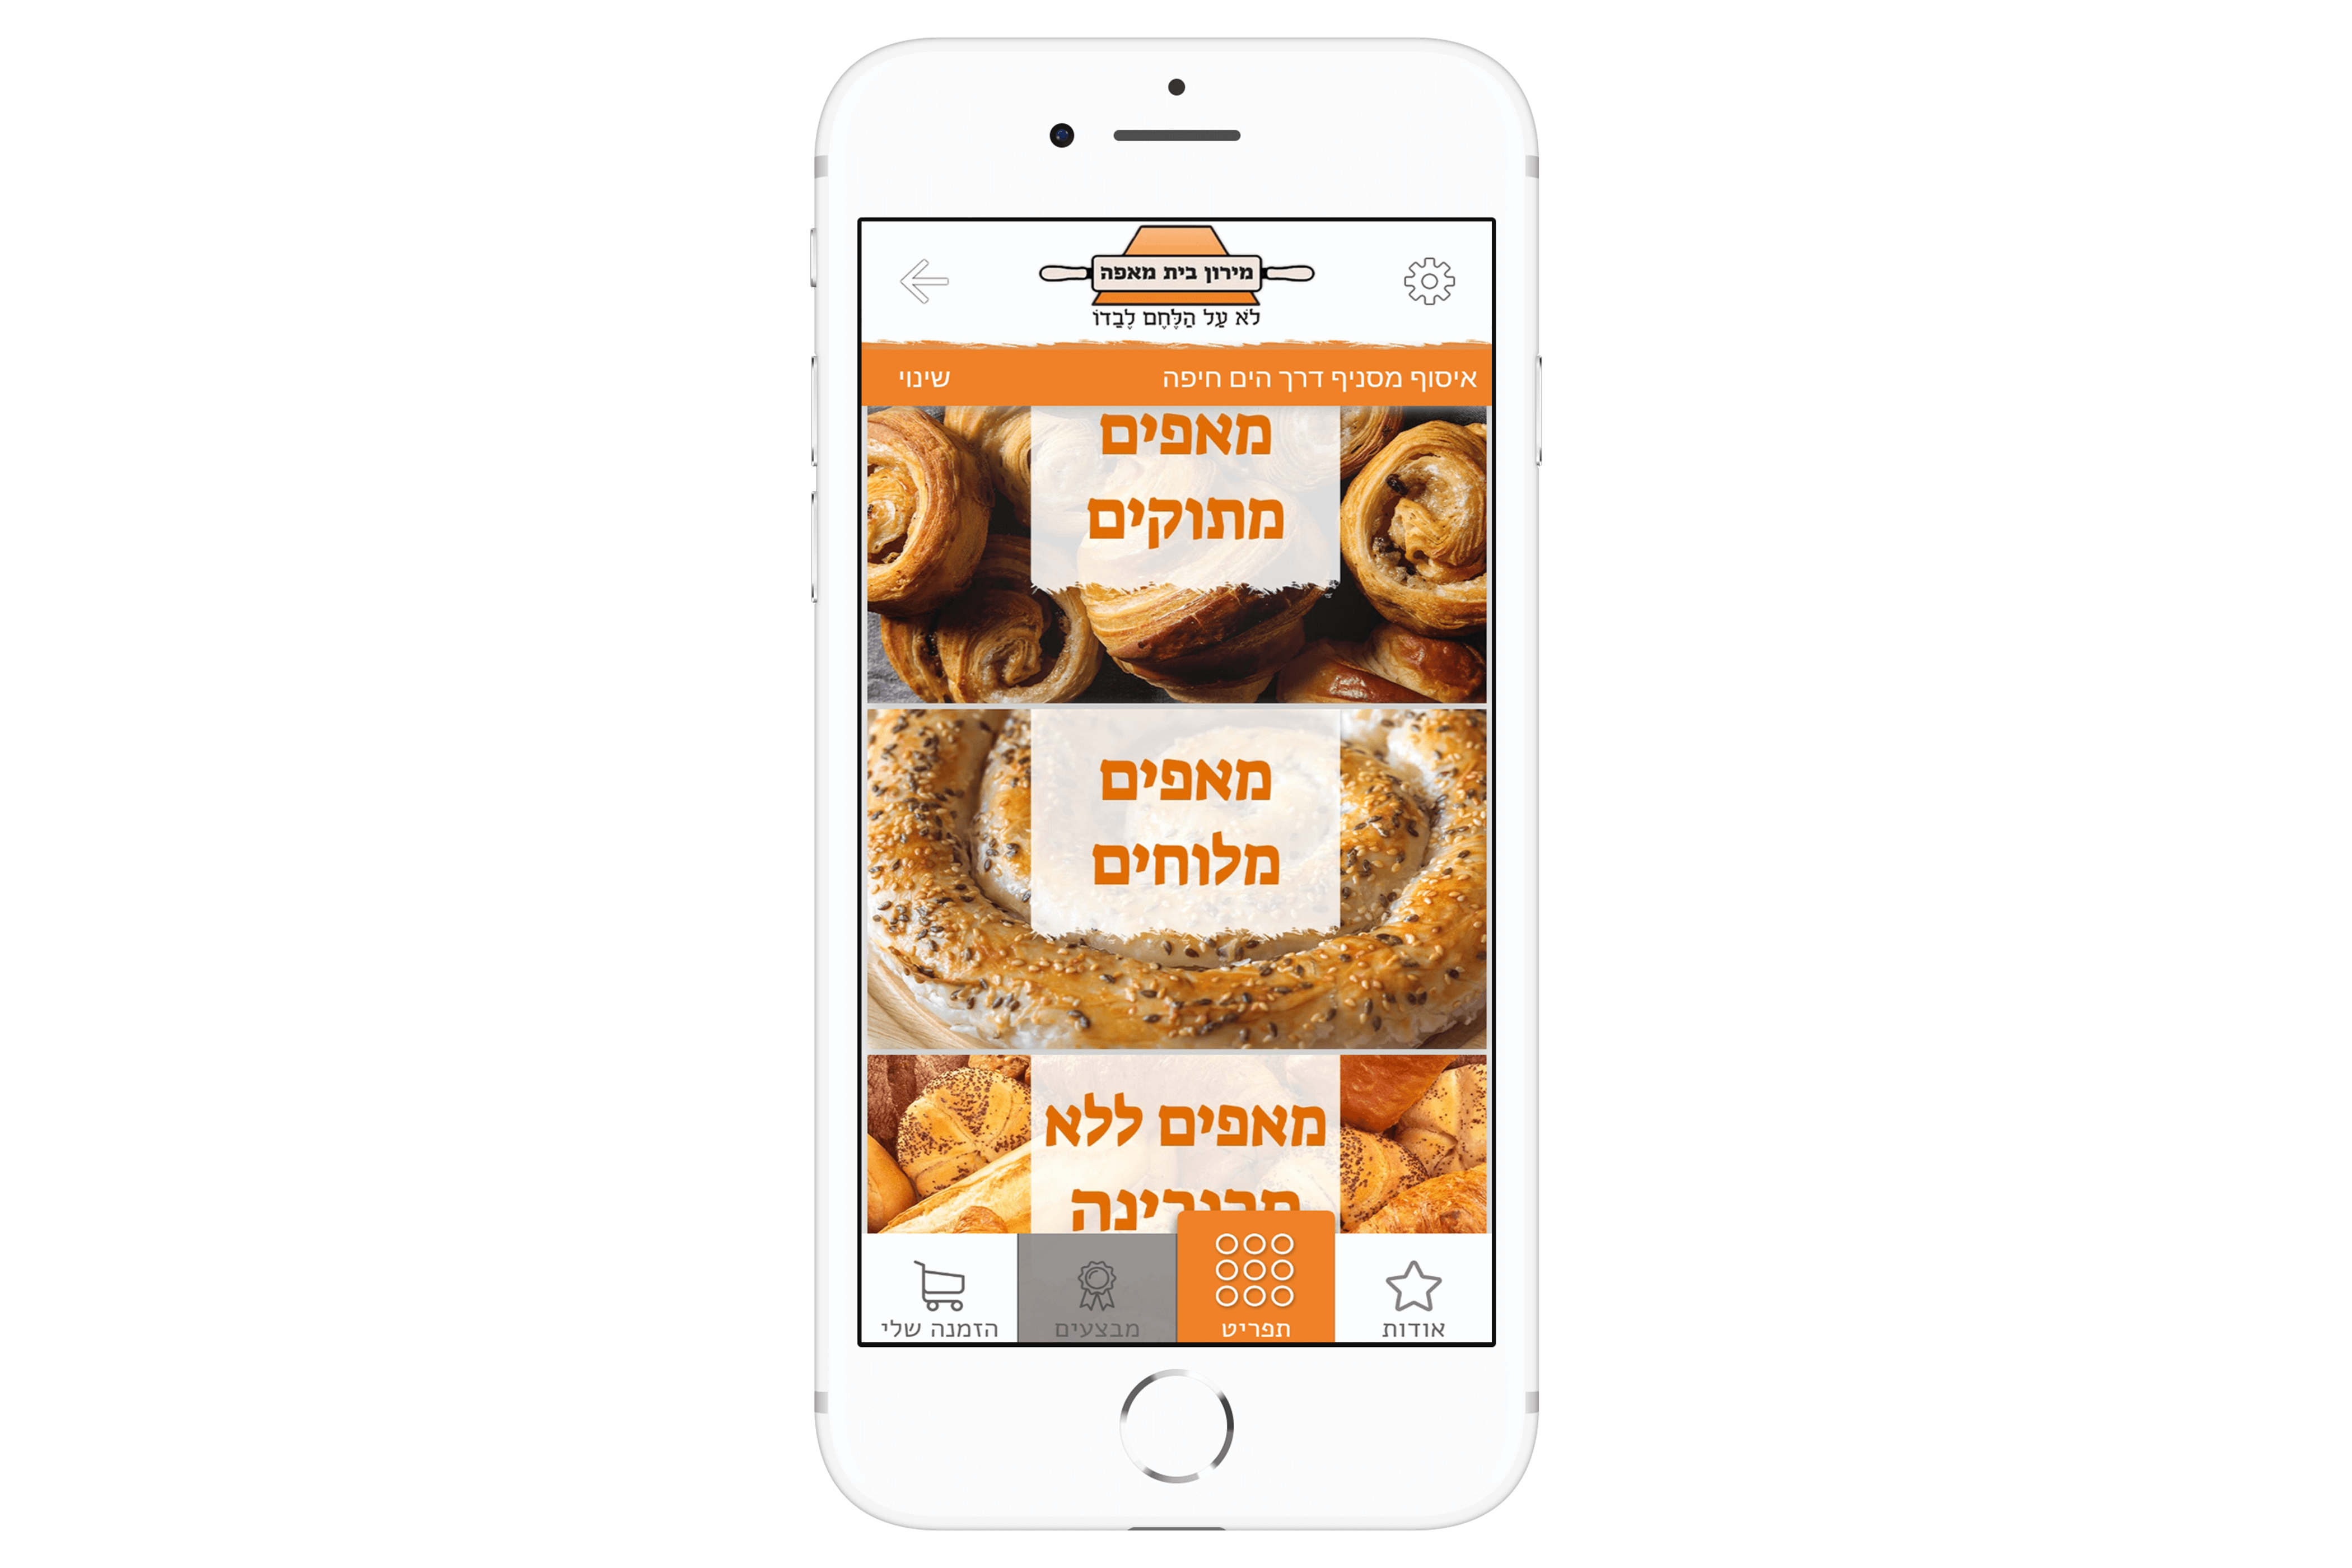 אפליקציית הזמנות של מירון בית מאפה מבין הלקוחות שלנו